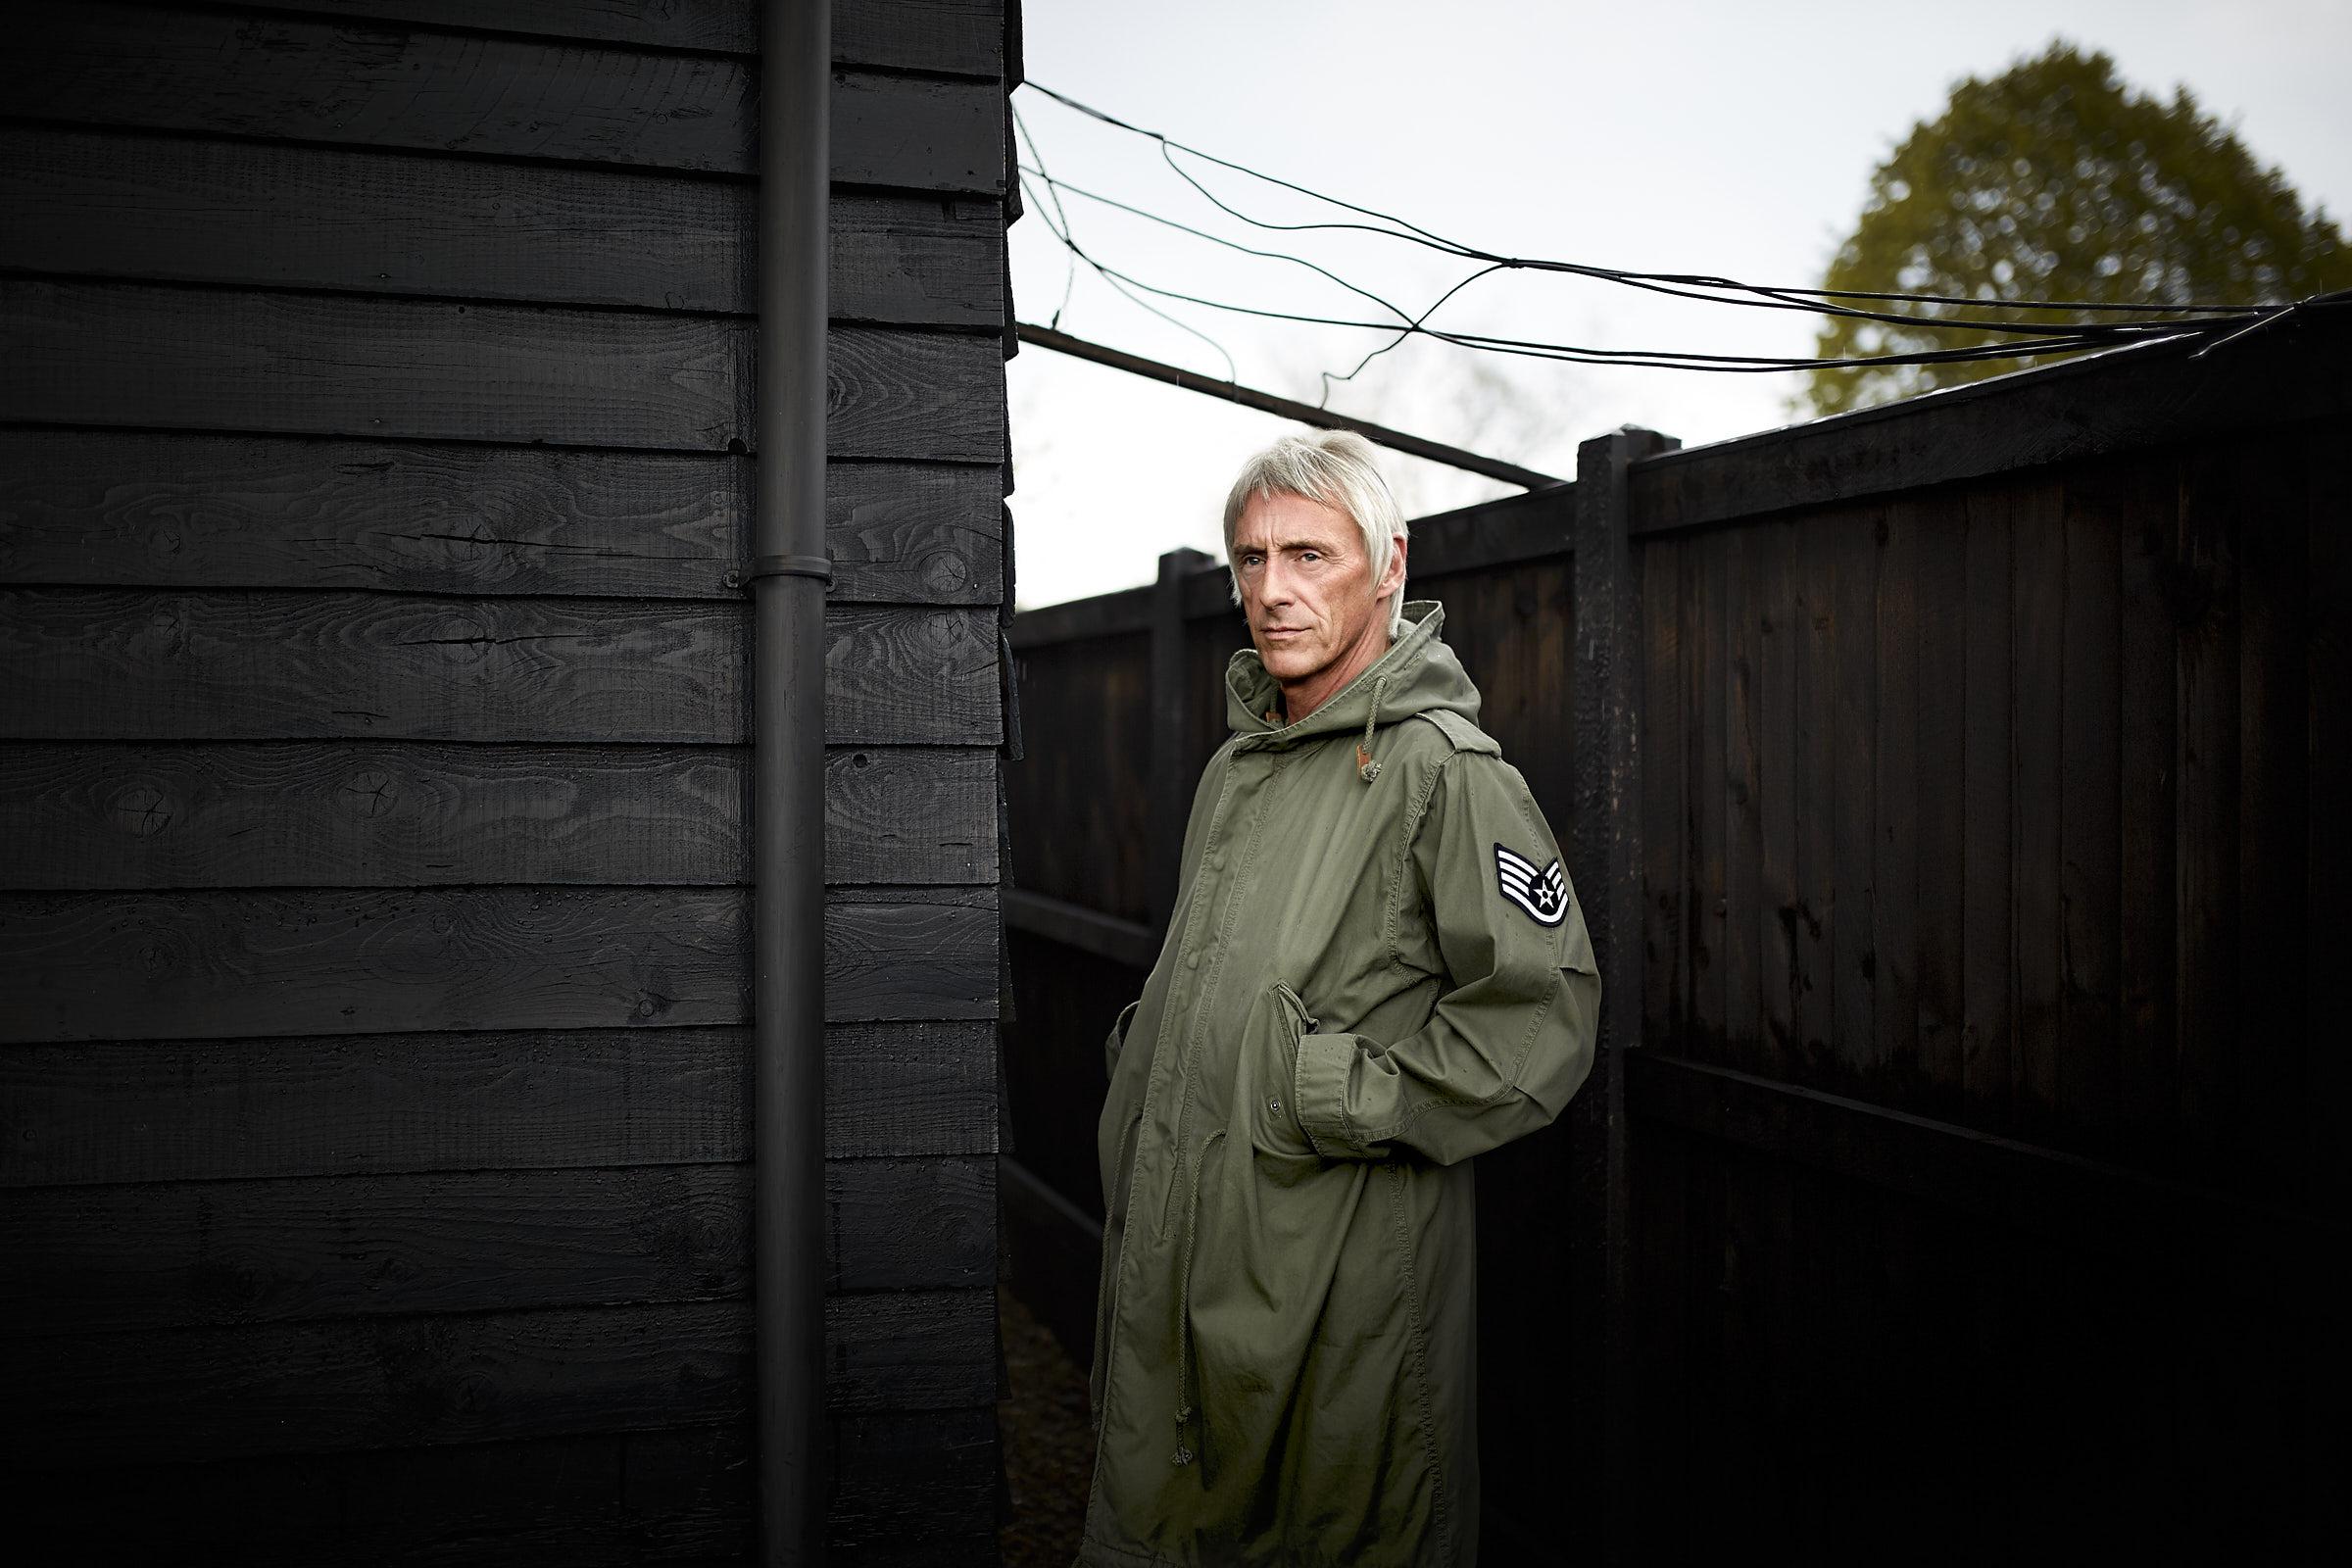 Paul Weller am 29.04.2014 in London